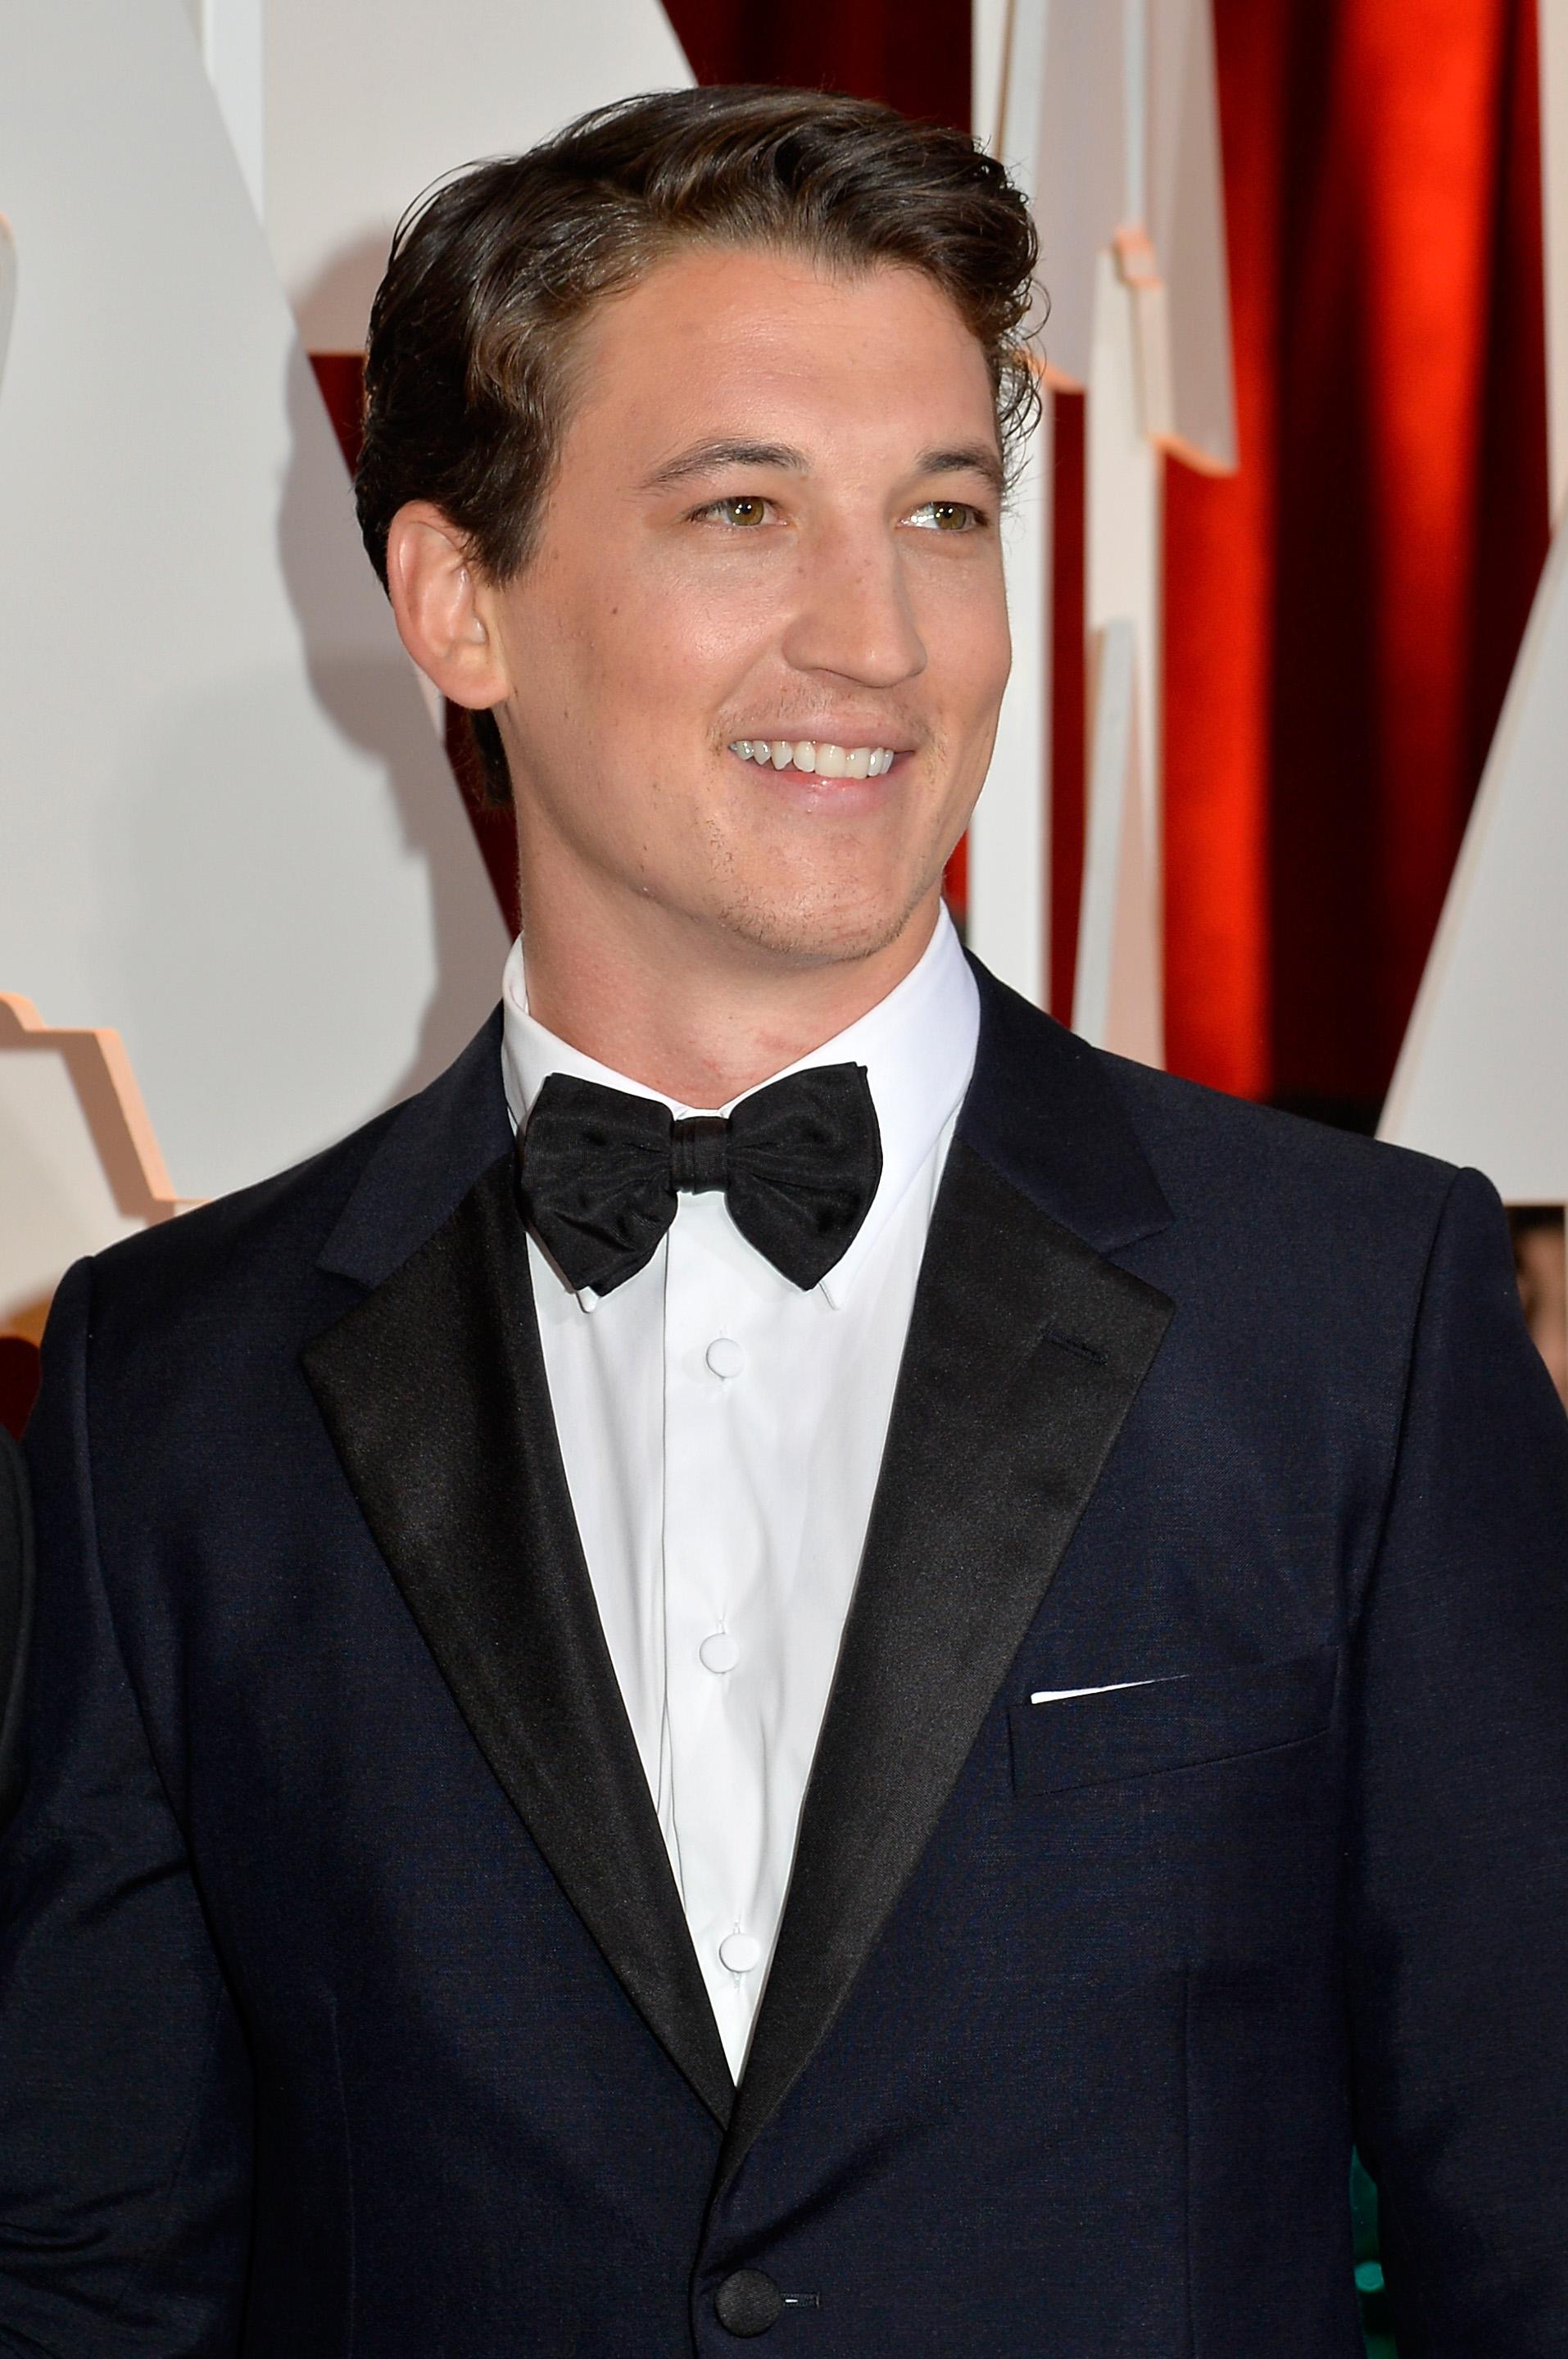 Nella notte degli Oscar trionfa il Made in Italy - www.stile.it dac0898b373